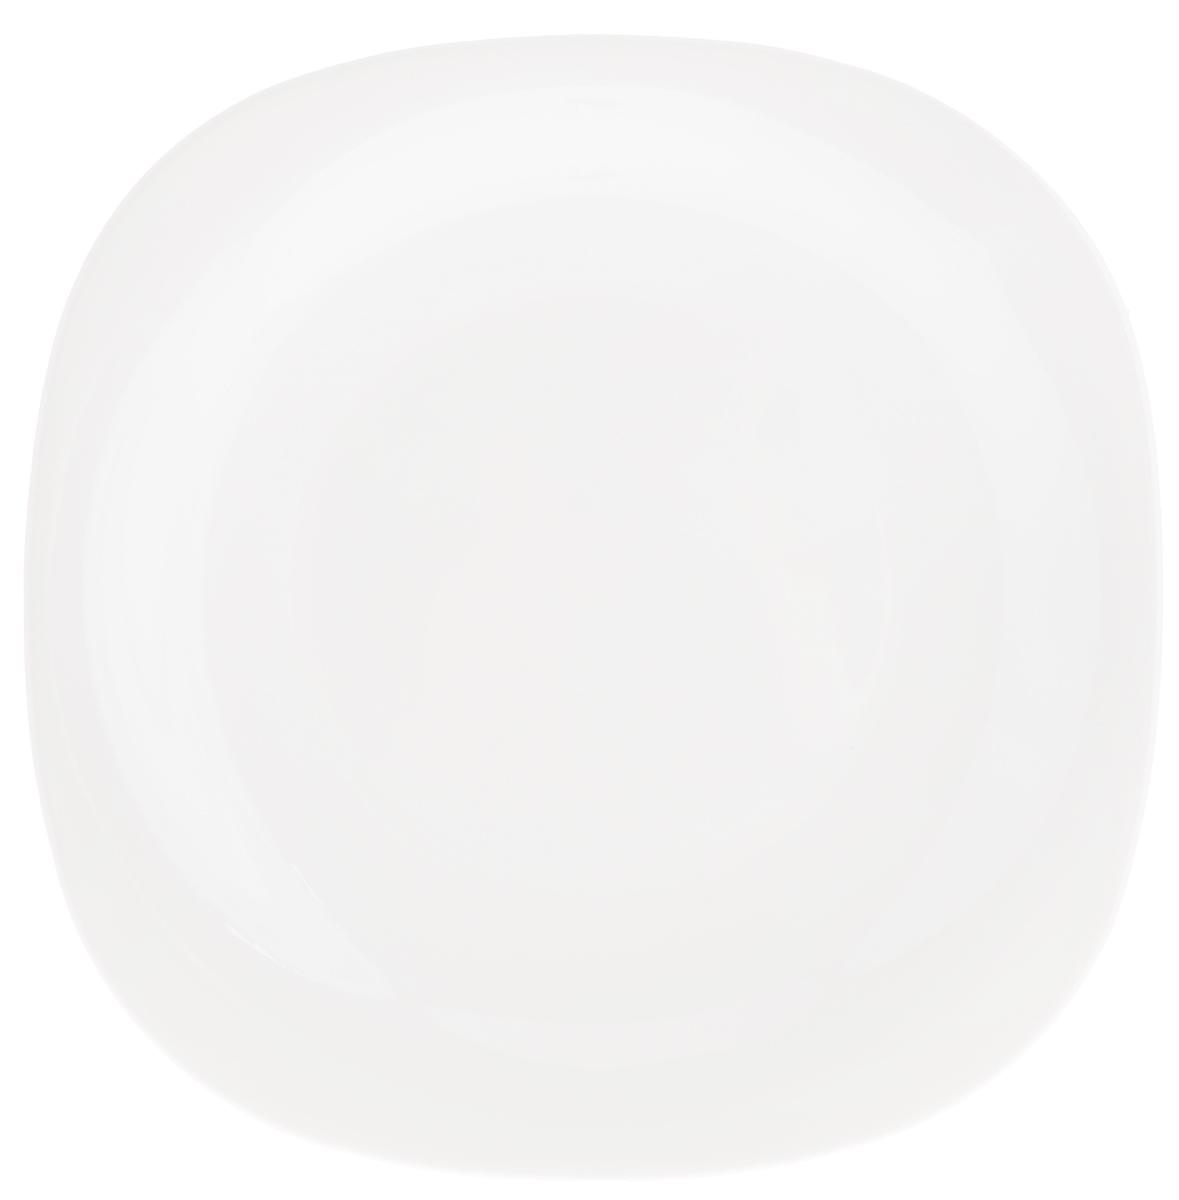 Тарелка десертная Luminarc Carine White, 19,5 х 19,5 смH3660Десертная тарелка Luminarc Carine White, изготовленная из ударопрочного стекла, имеет изысканный внешний вид. Такая тарелка прекрасно подходит как для торжественных случаев, так и для повседневного использования. Идеальна для подачи десертов, пирожных, тортов и многого другого. Она прекрасно оформит стол и станет отличным дополнением к вашей коллекции кухонной посуды. Размер тарелки: 19,5 х 19,5 х 2,5 см.